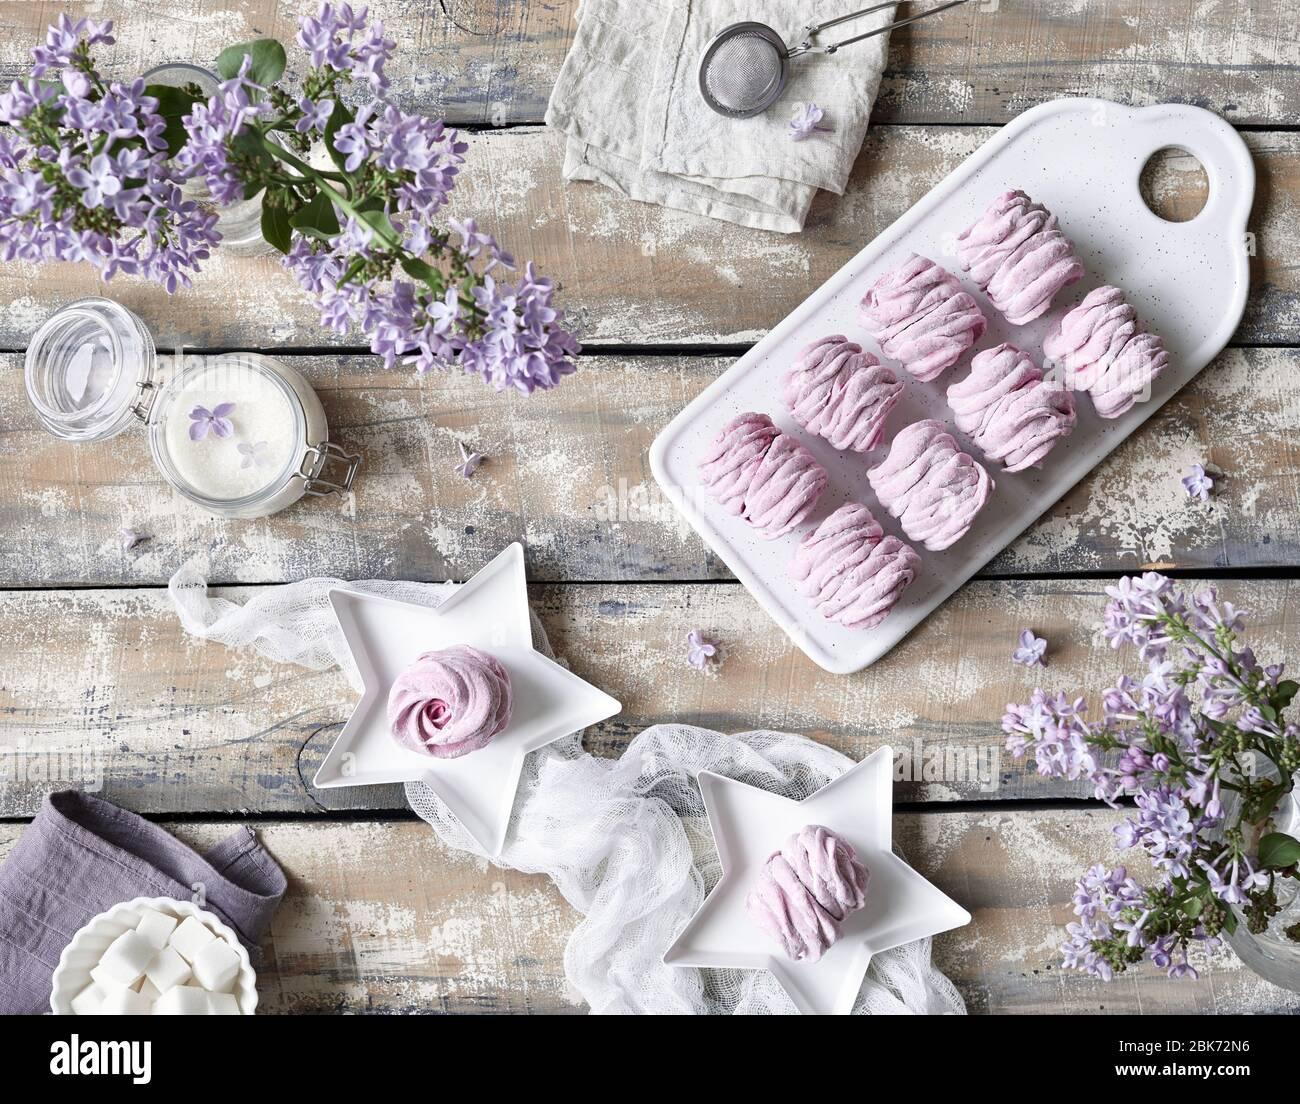 Violeta dulce casero Zephyr o Marshmallow de grosella negra cerca de las flores lilas en la mesa de madera vista en colores pastel violeta Foto de stock